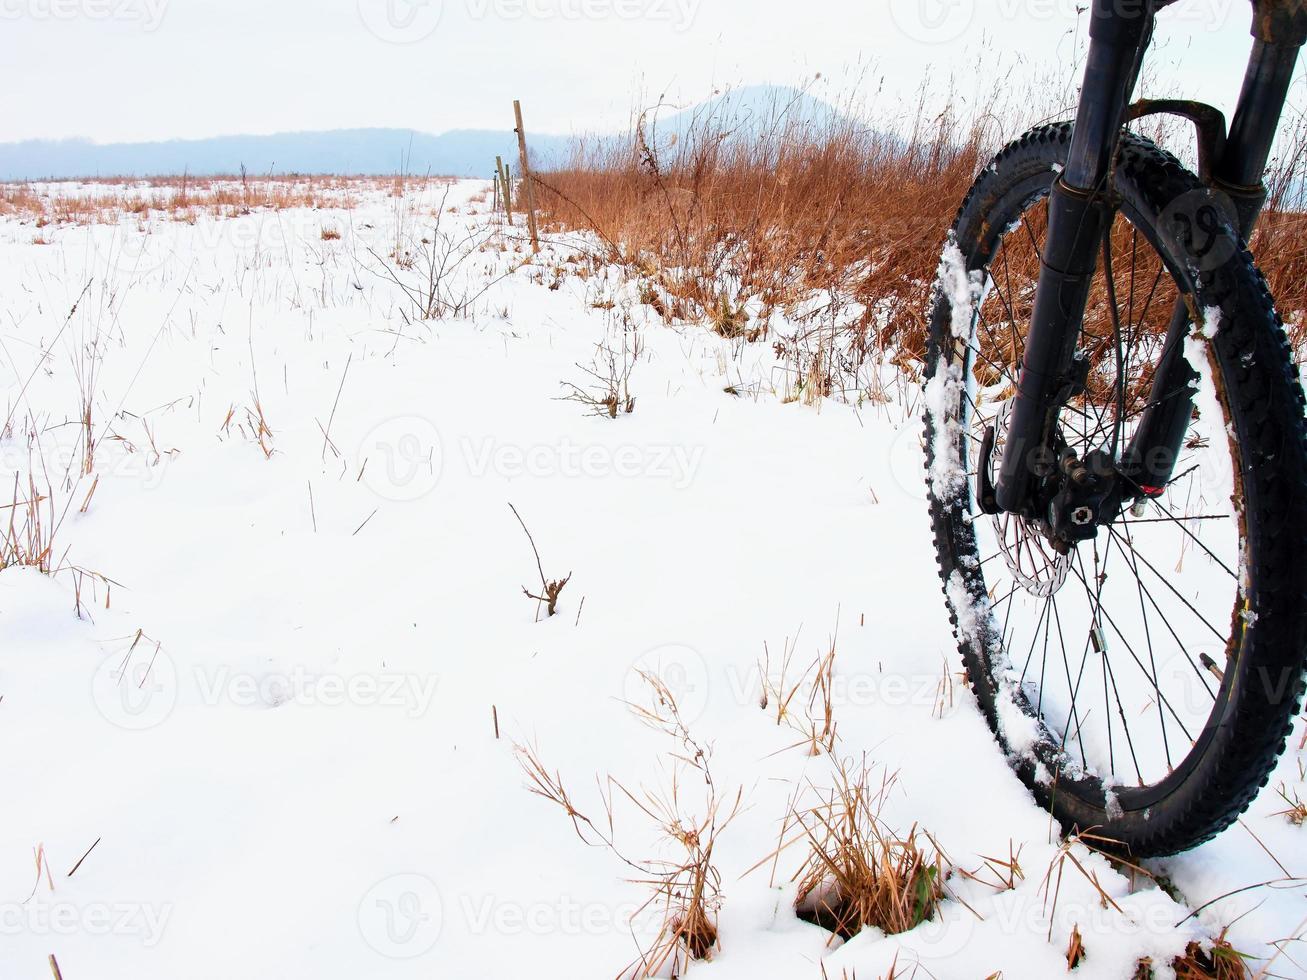 la roue avant du VTT dans la première neige. photo